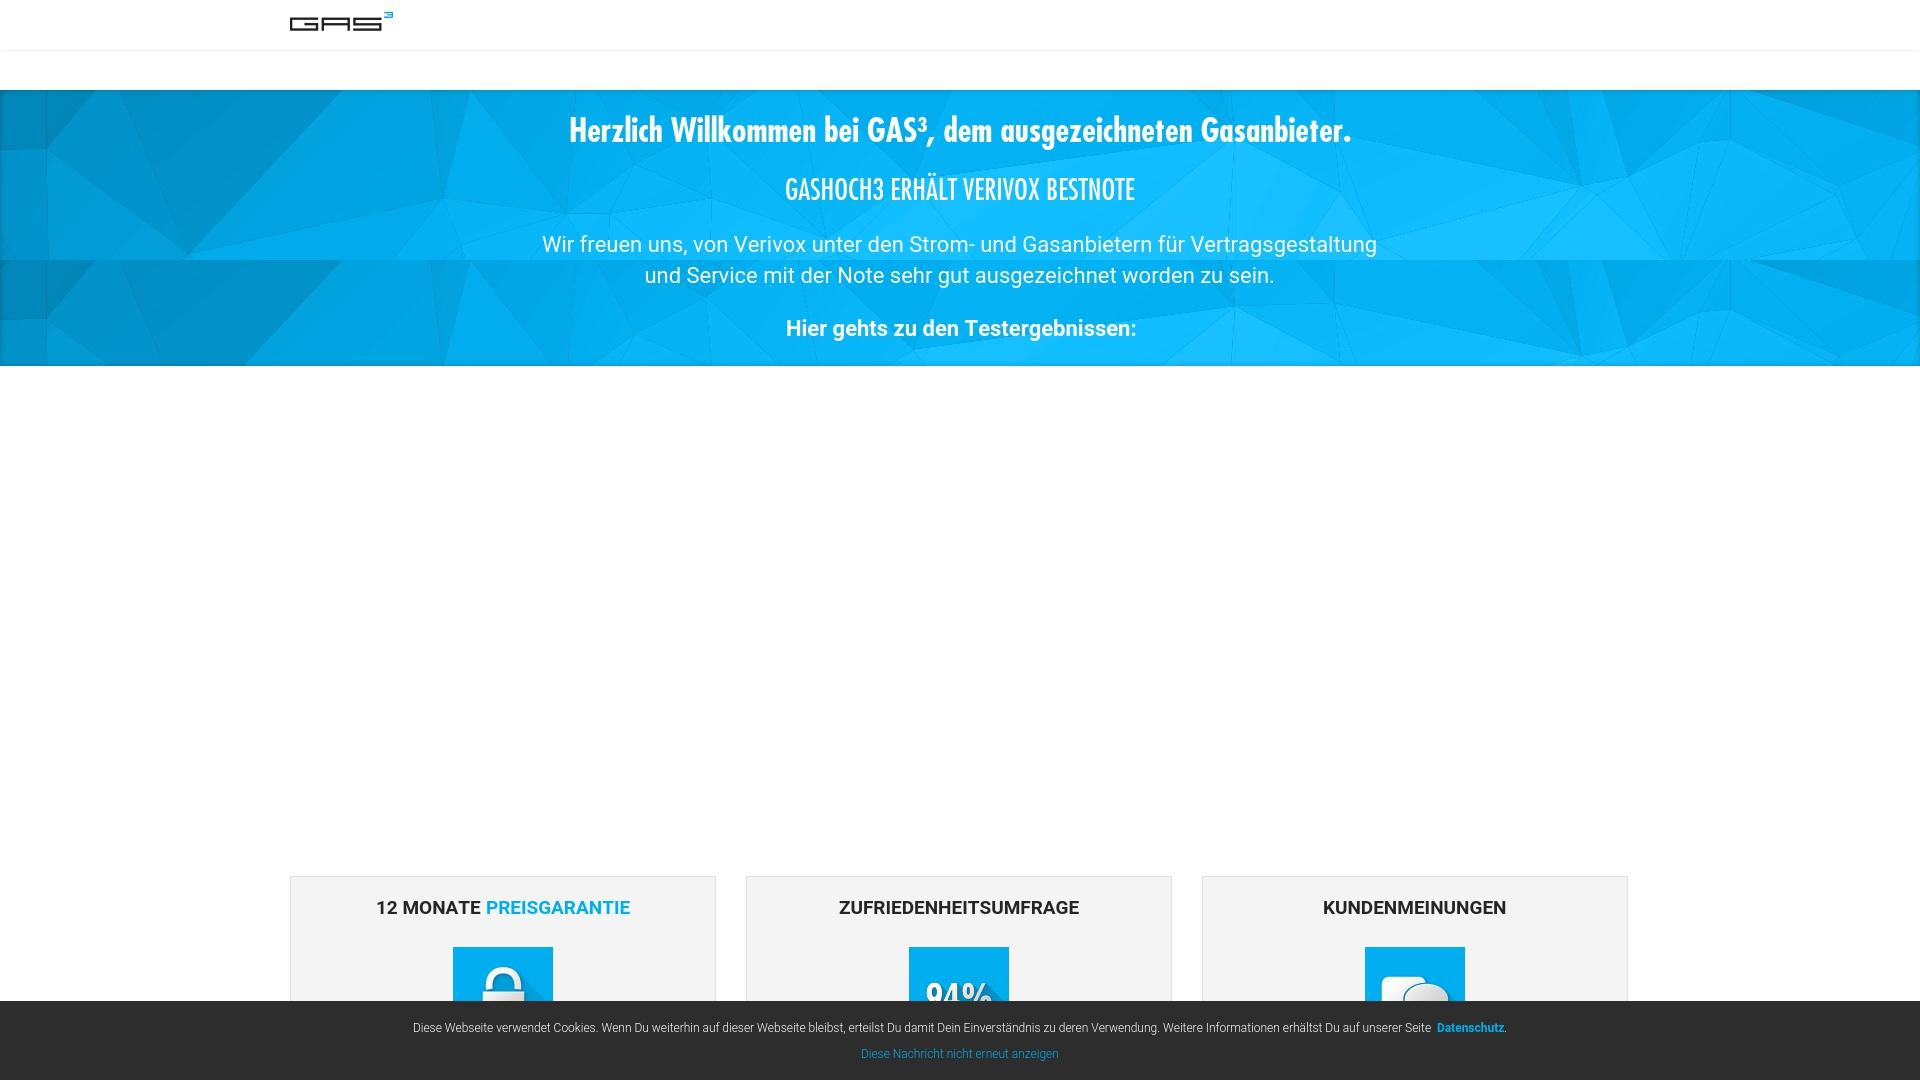 Gutschein für Gashoch3: Rabatte für  Gashoch3 sichern